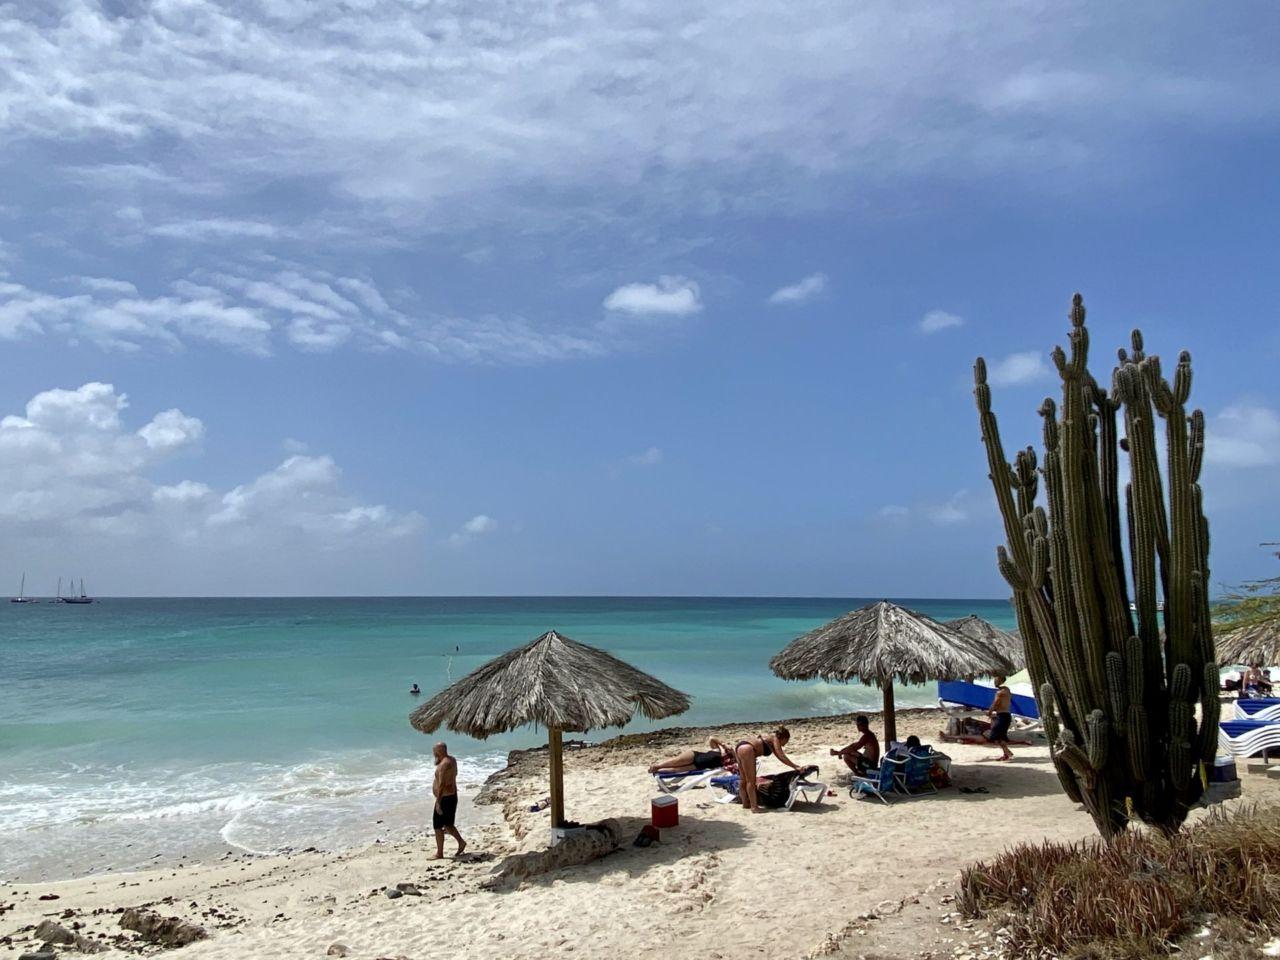 Blauer Himmel mit azurfarbenen Meer, Sand, Kaktus, Menschen und Sonnenschirmen aus Stroh